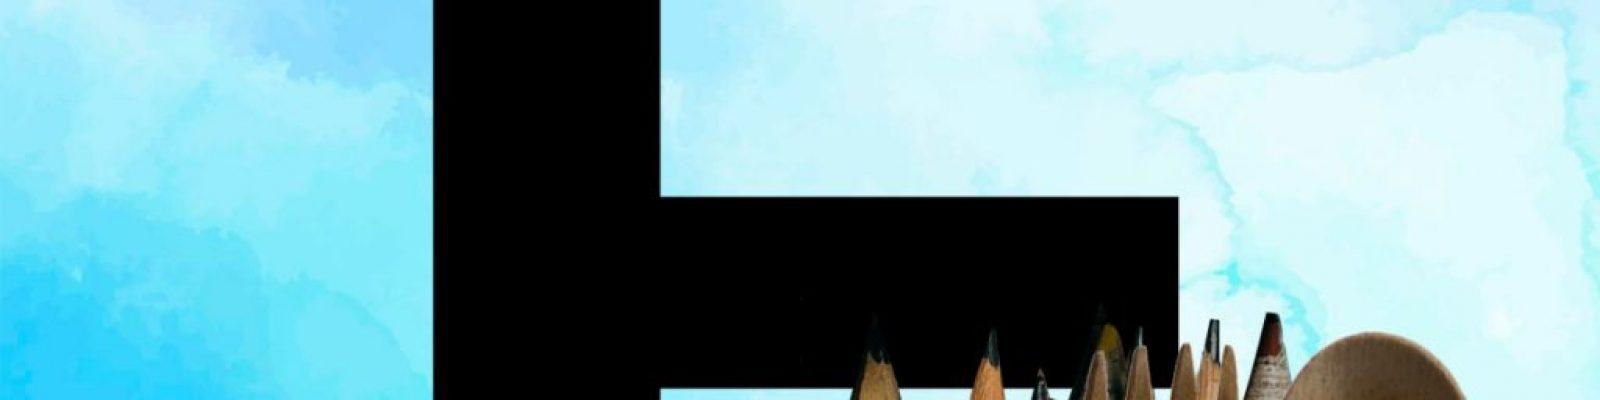 Taller de edición de Arianna Squilloni